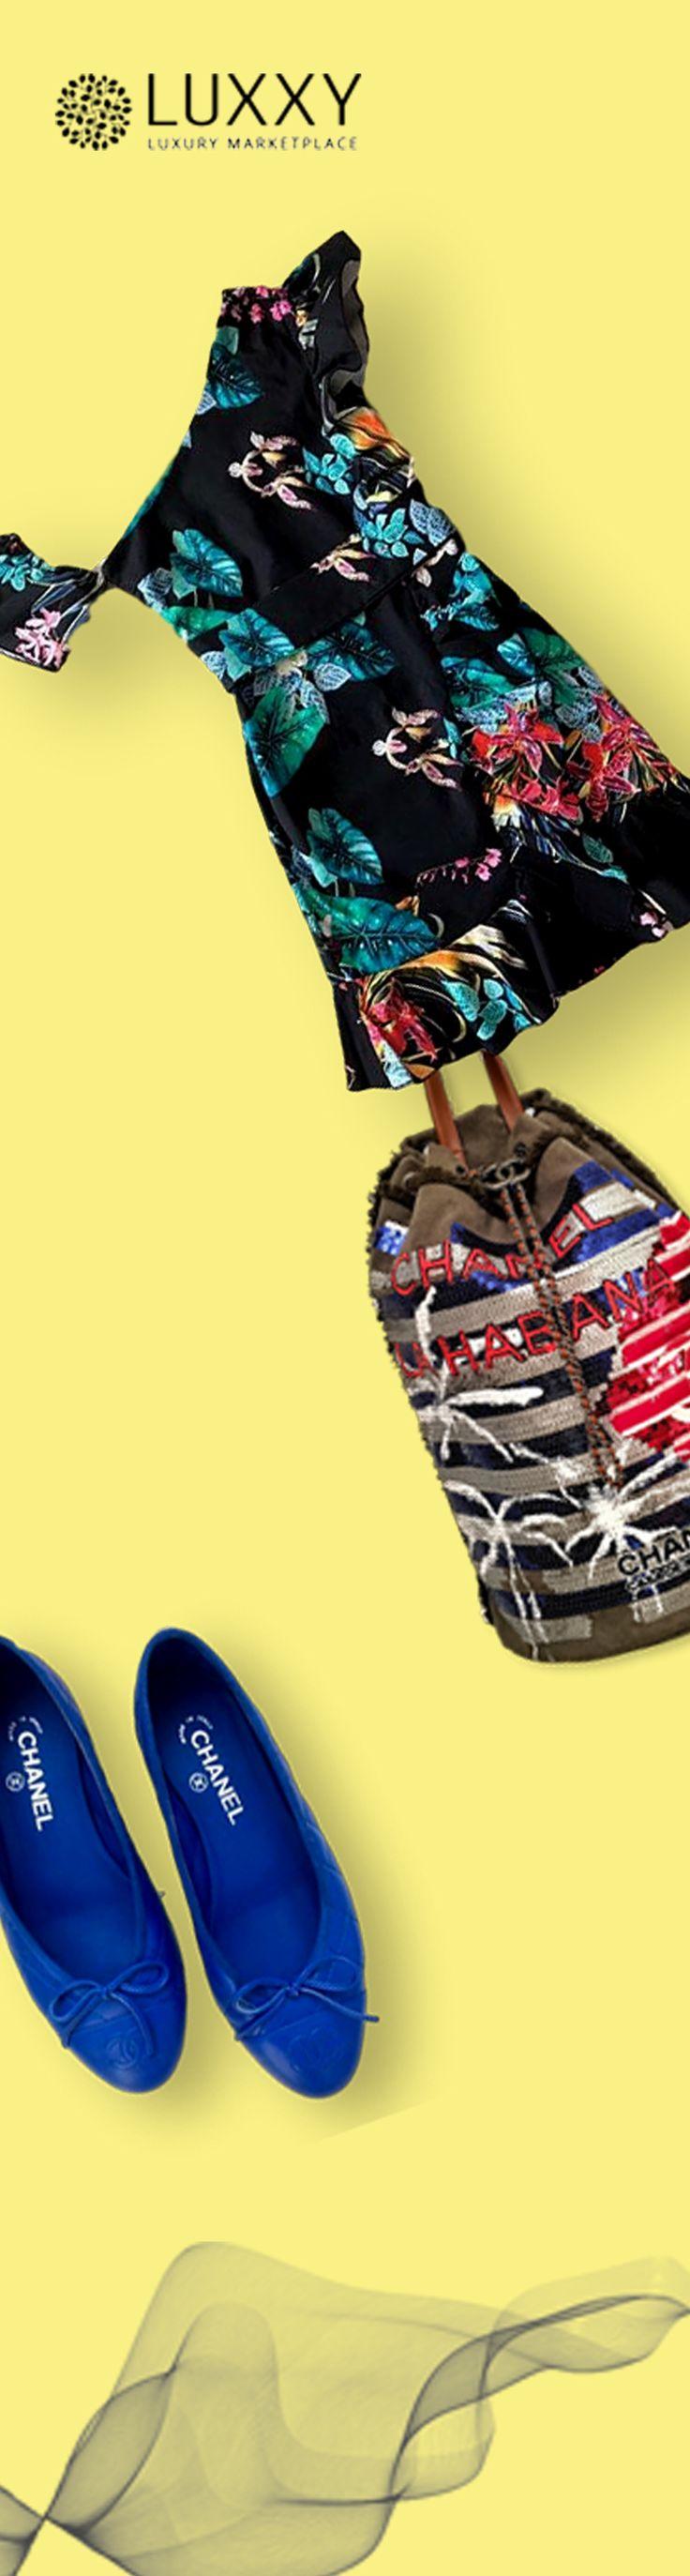 Ночь в тропиках на платье Imperial и рюкзаке Chanel. И как же приятно теплой ночью опустить ноги в море синих балеток Chanel  https://luxxy.com/ru/product/plata-imperial-593e98cf0c057/  https://luxxy.com/ru/product/rukzaki-chanel-593e6cd303fde/  https://luxxy.com/ru/product/baletki-chanel-5941a79e01beb/